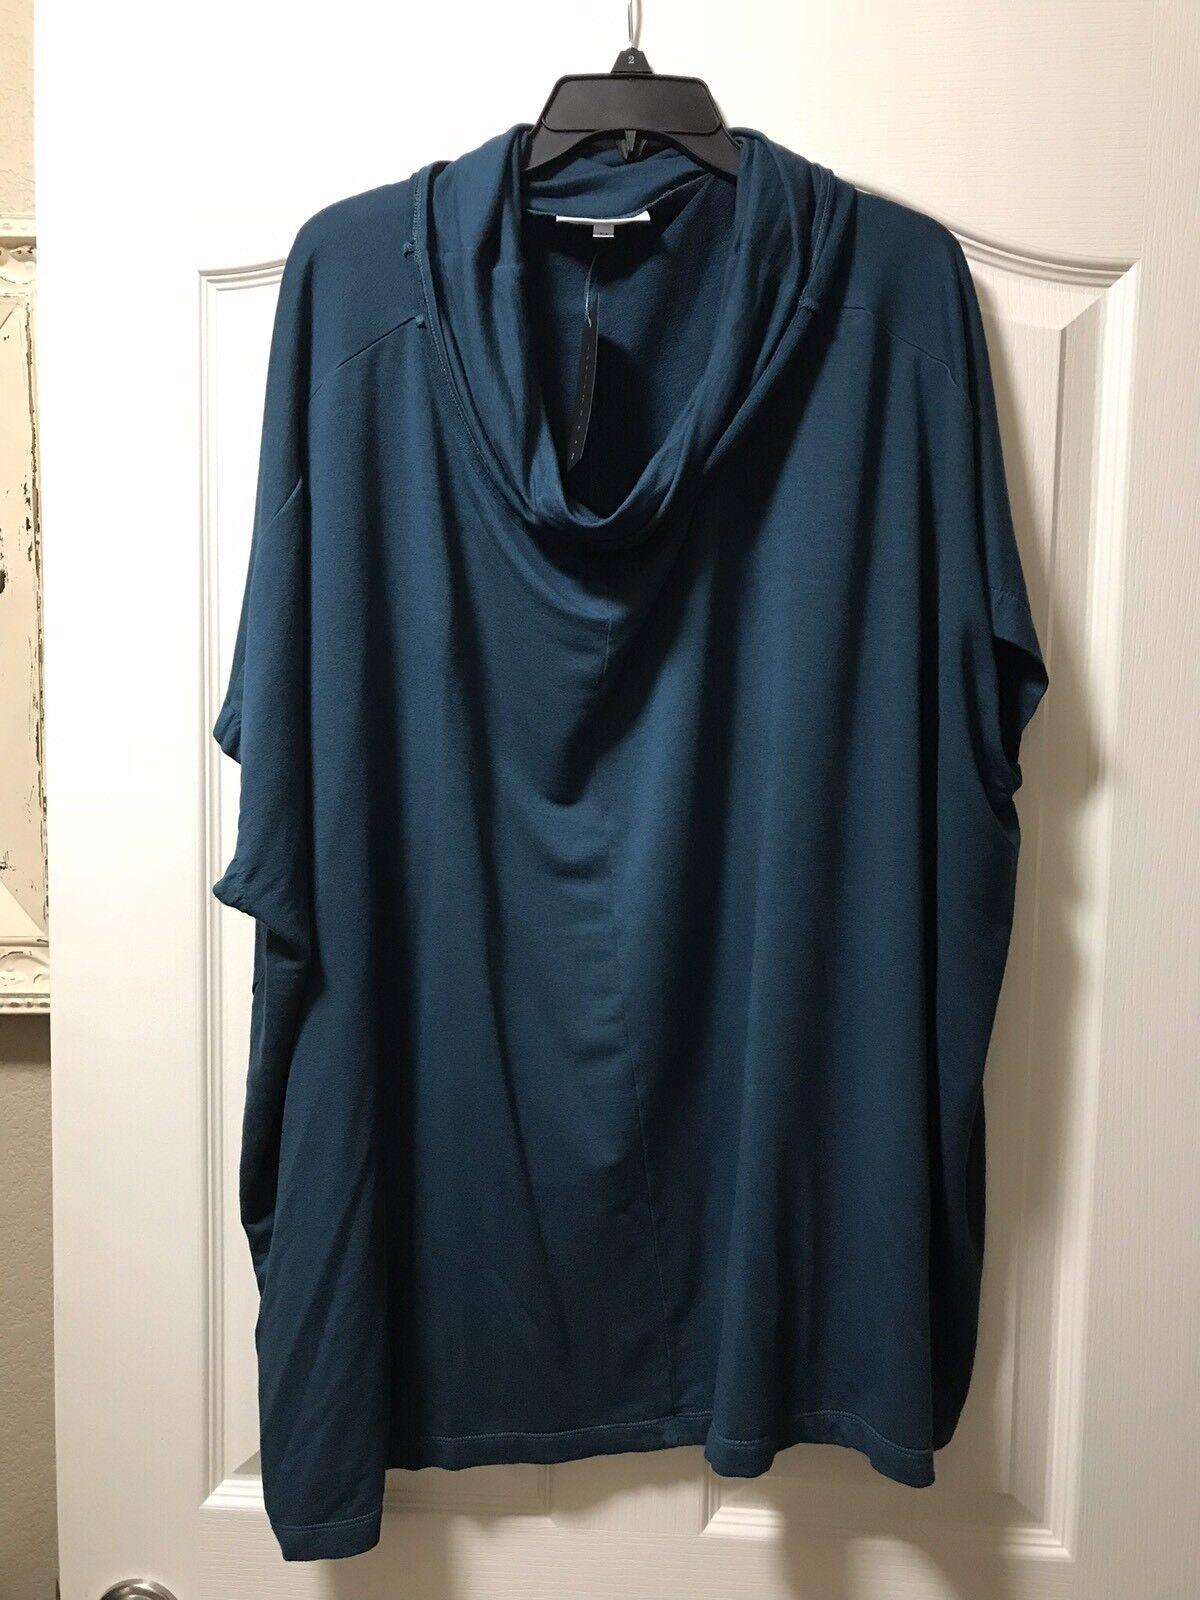 NEW Bryn Walker Cowl Poncho Tunic Größe XL, Retail